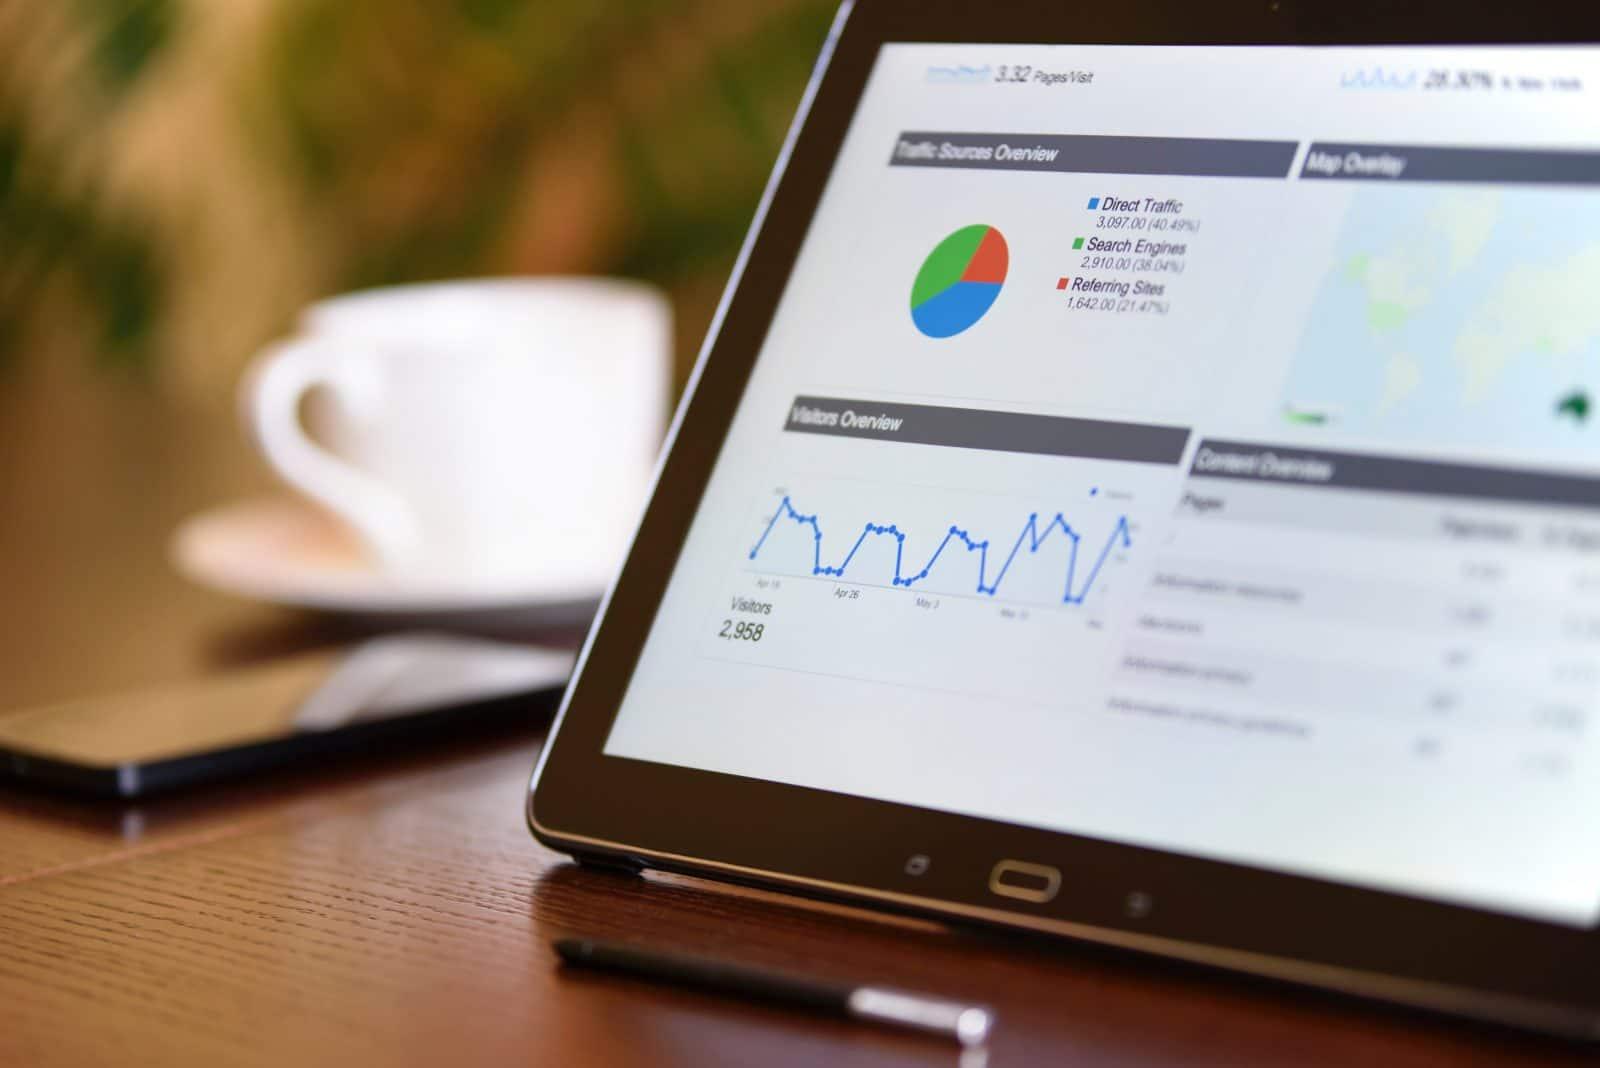 SEO cos'è e come ottimizzare il proprio sito web